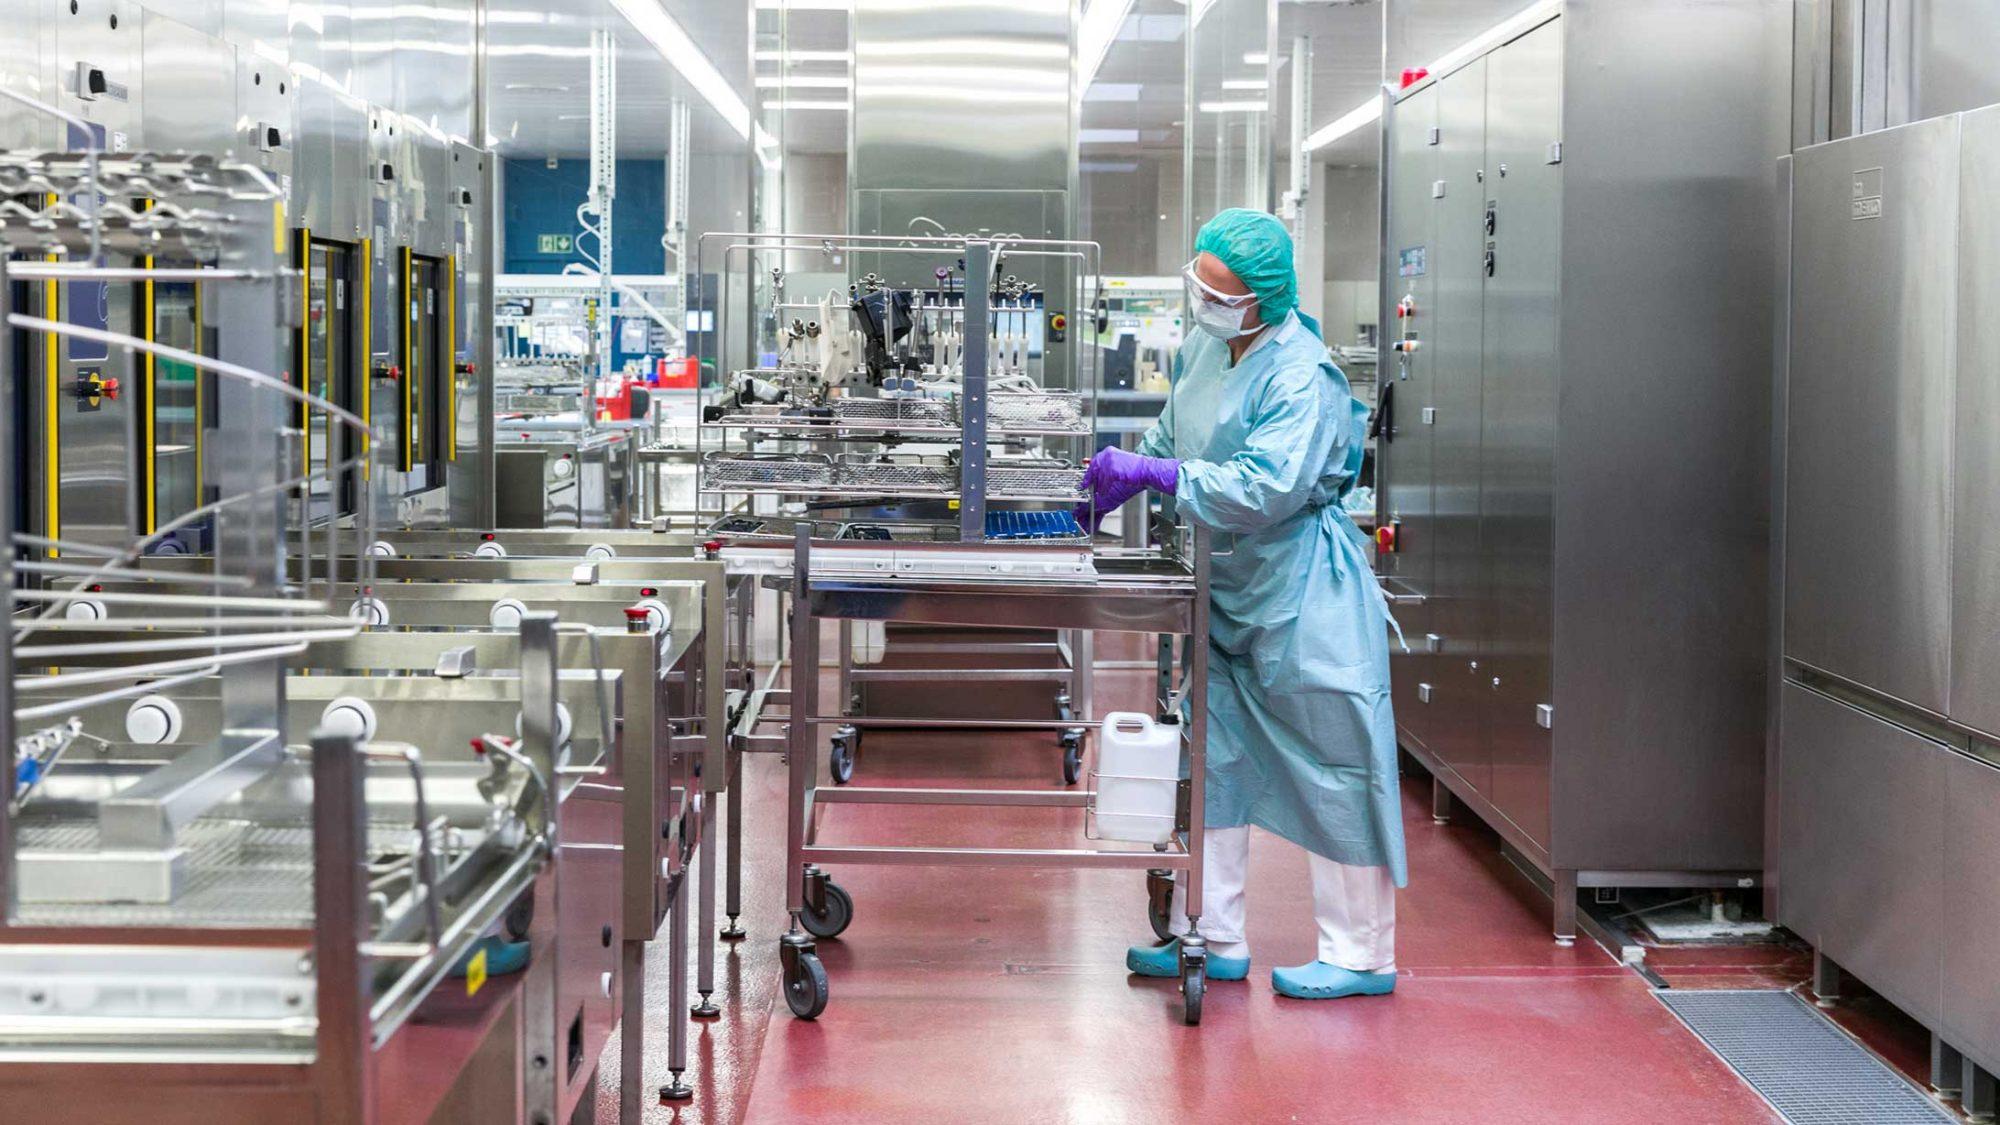 Die OP-Instrumente lädt die Sterilisationsassistentin auf den Waschgutträger.